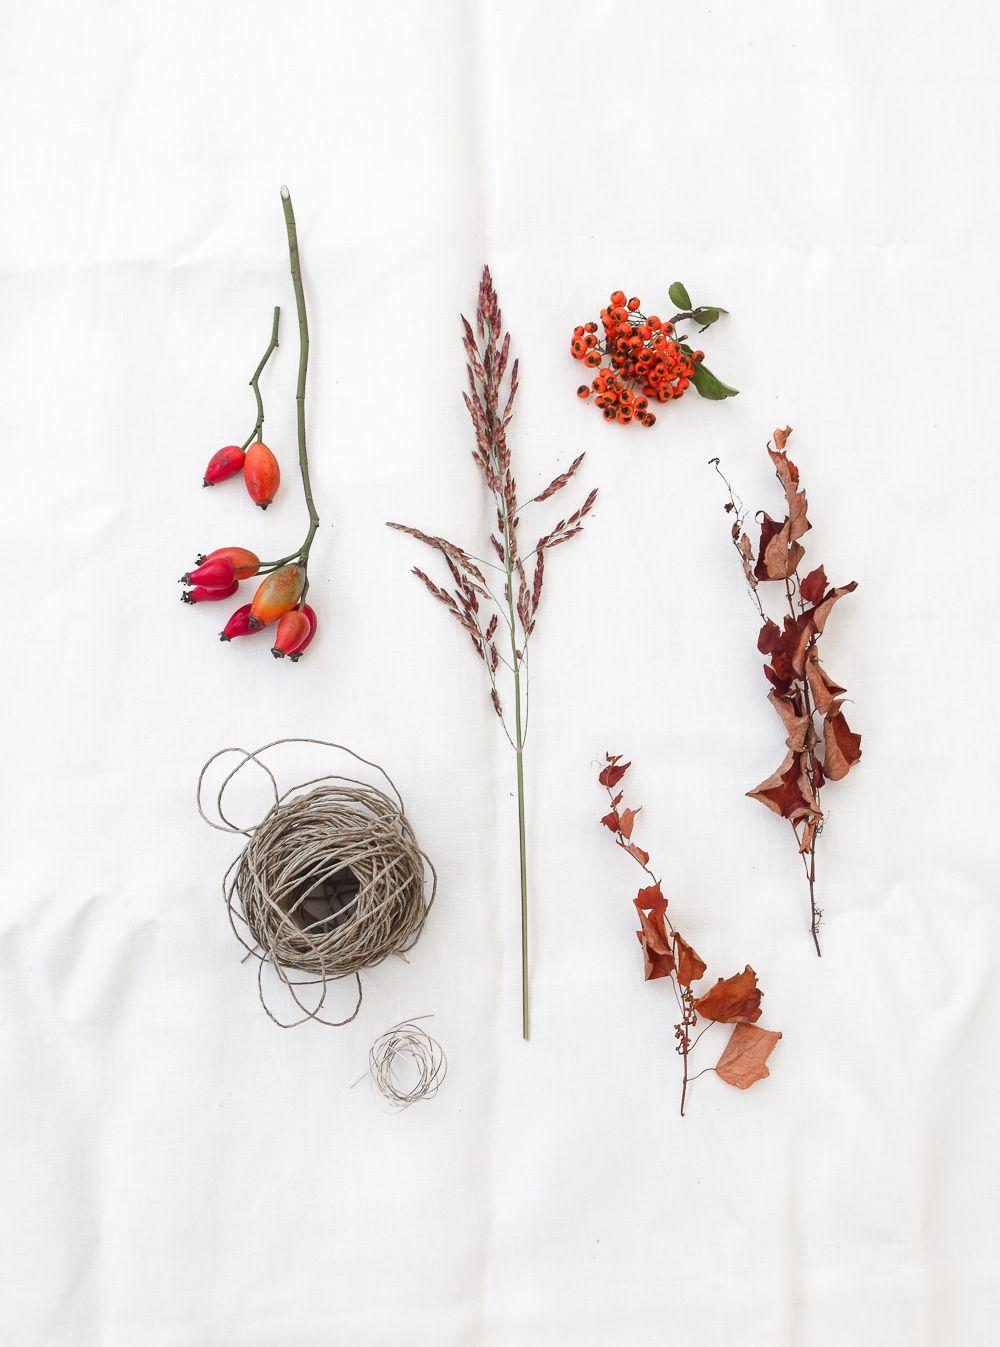 万圣节用品的季节性花环